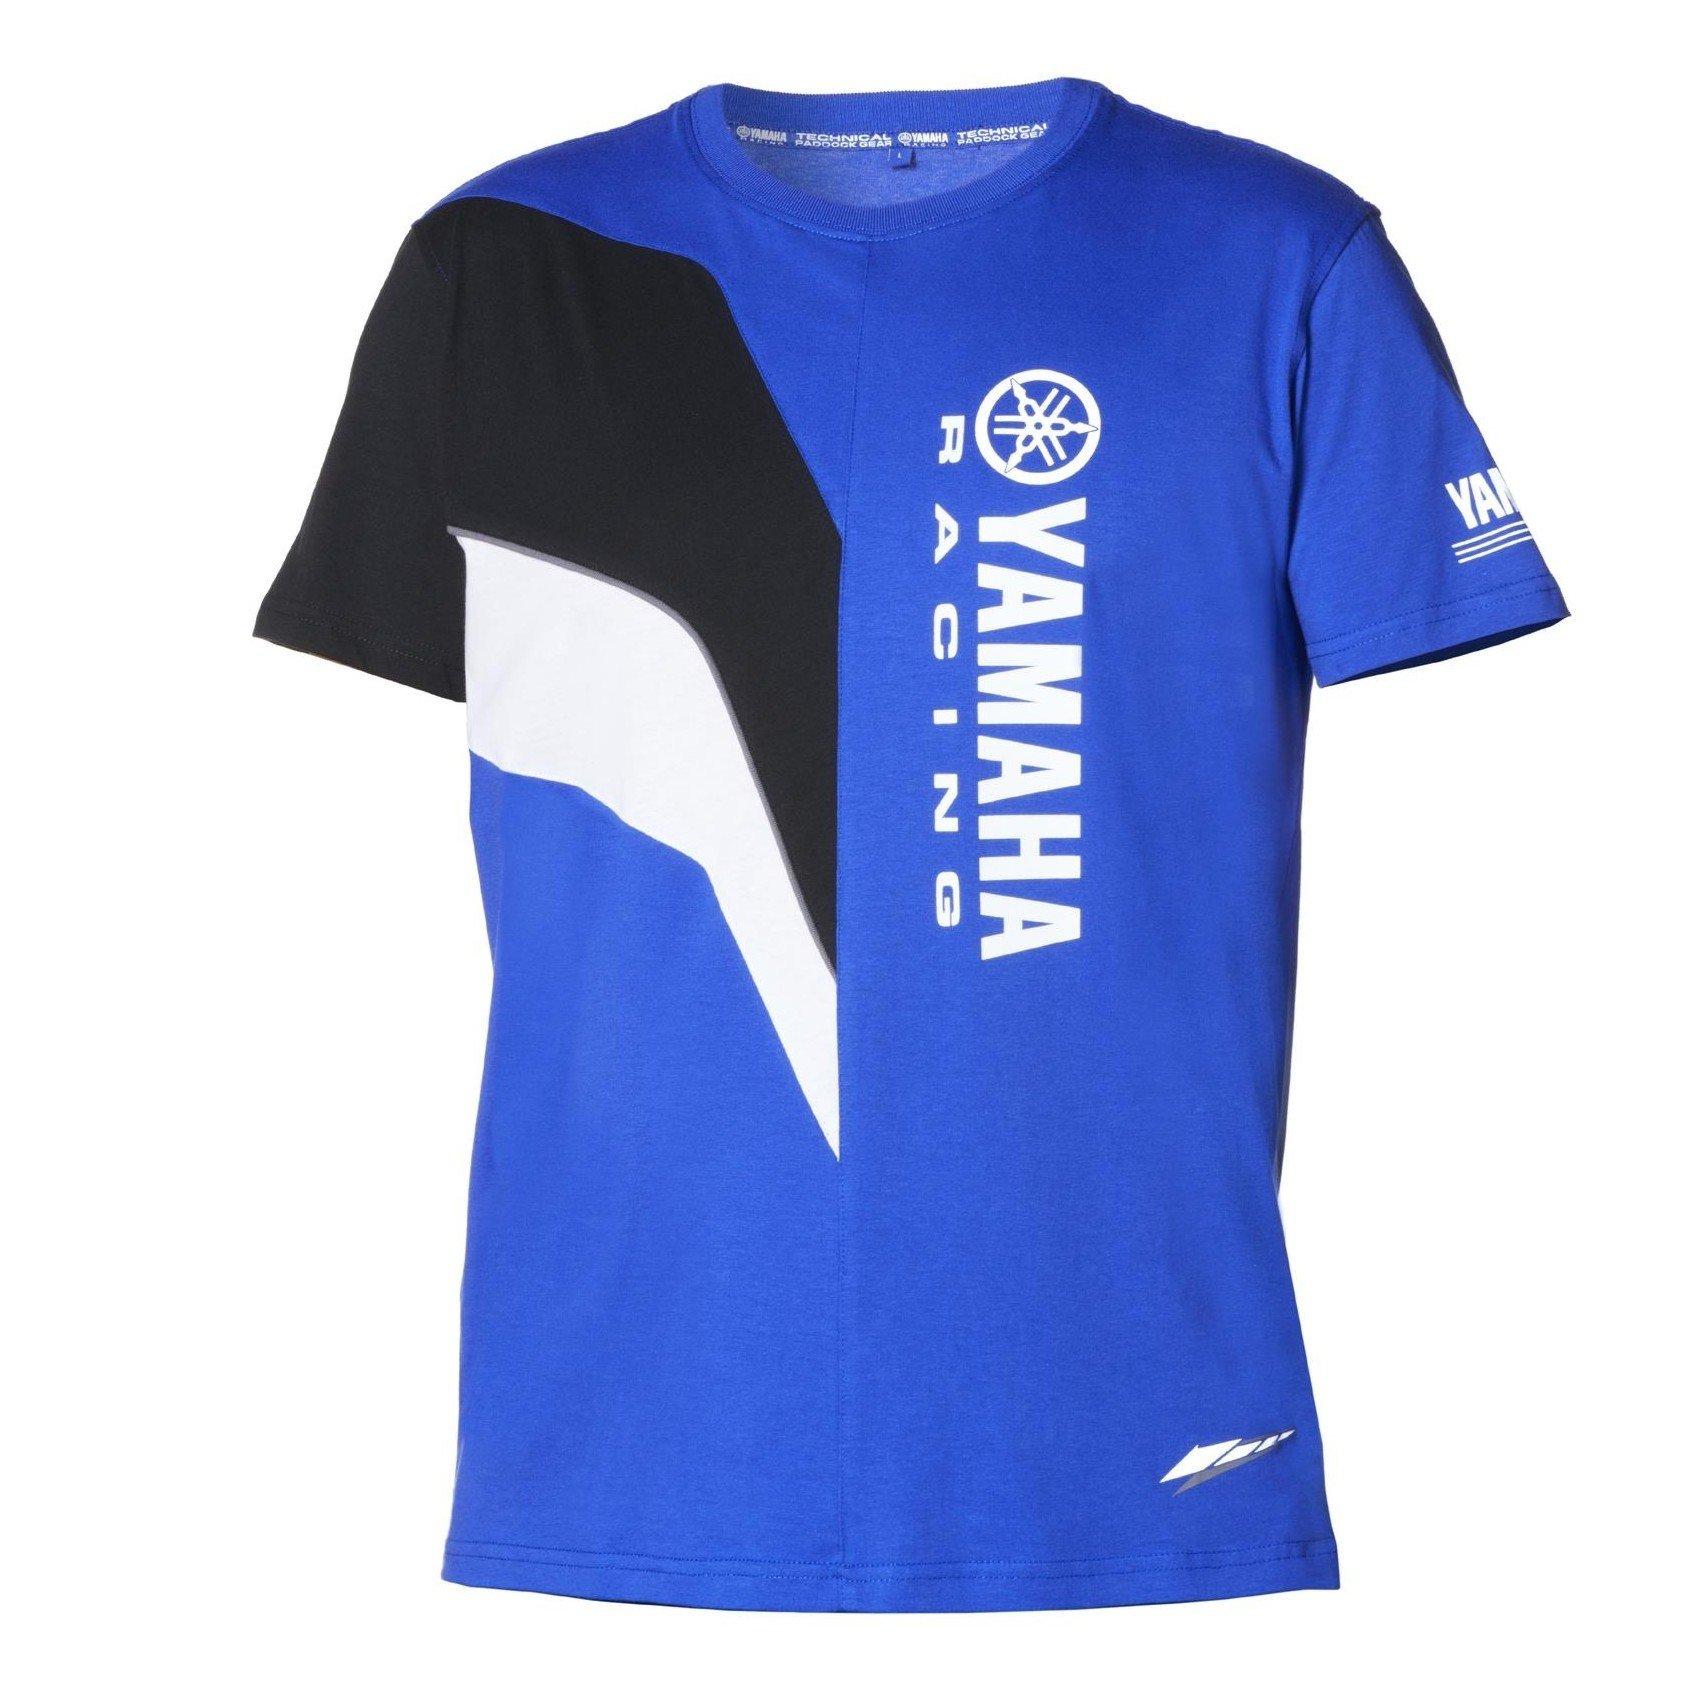 Pánské tričko s krátkým rukávem YAMAHA Paddock Blue 2016 (modré) S